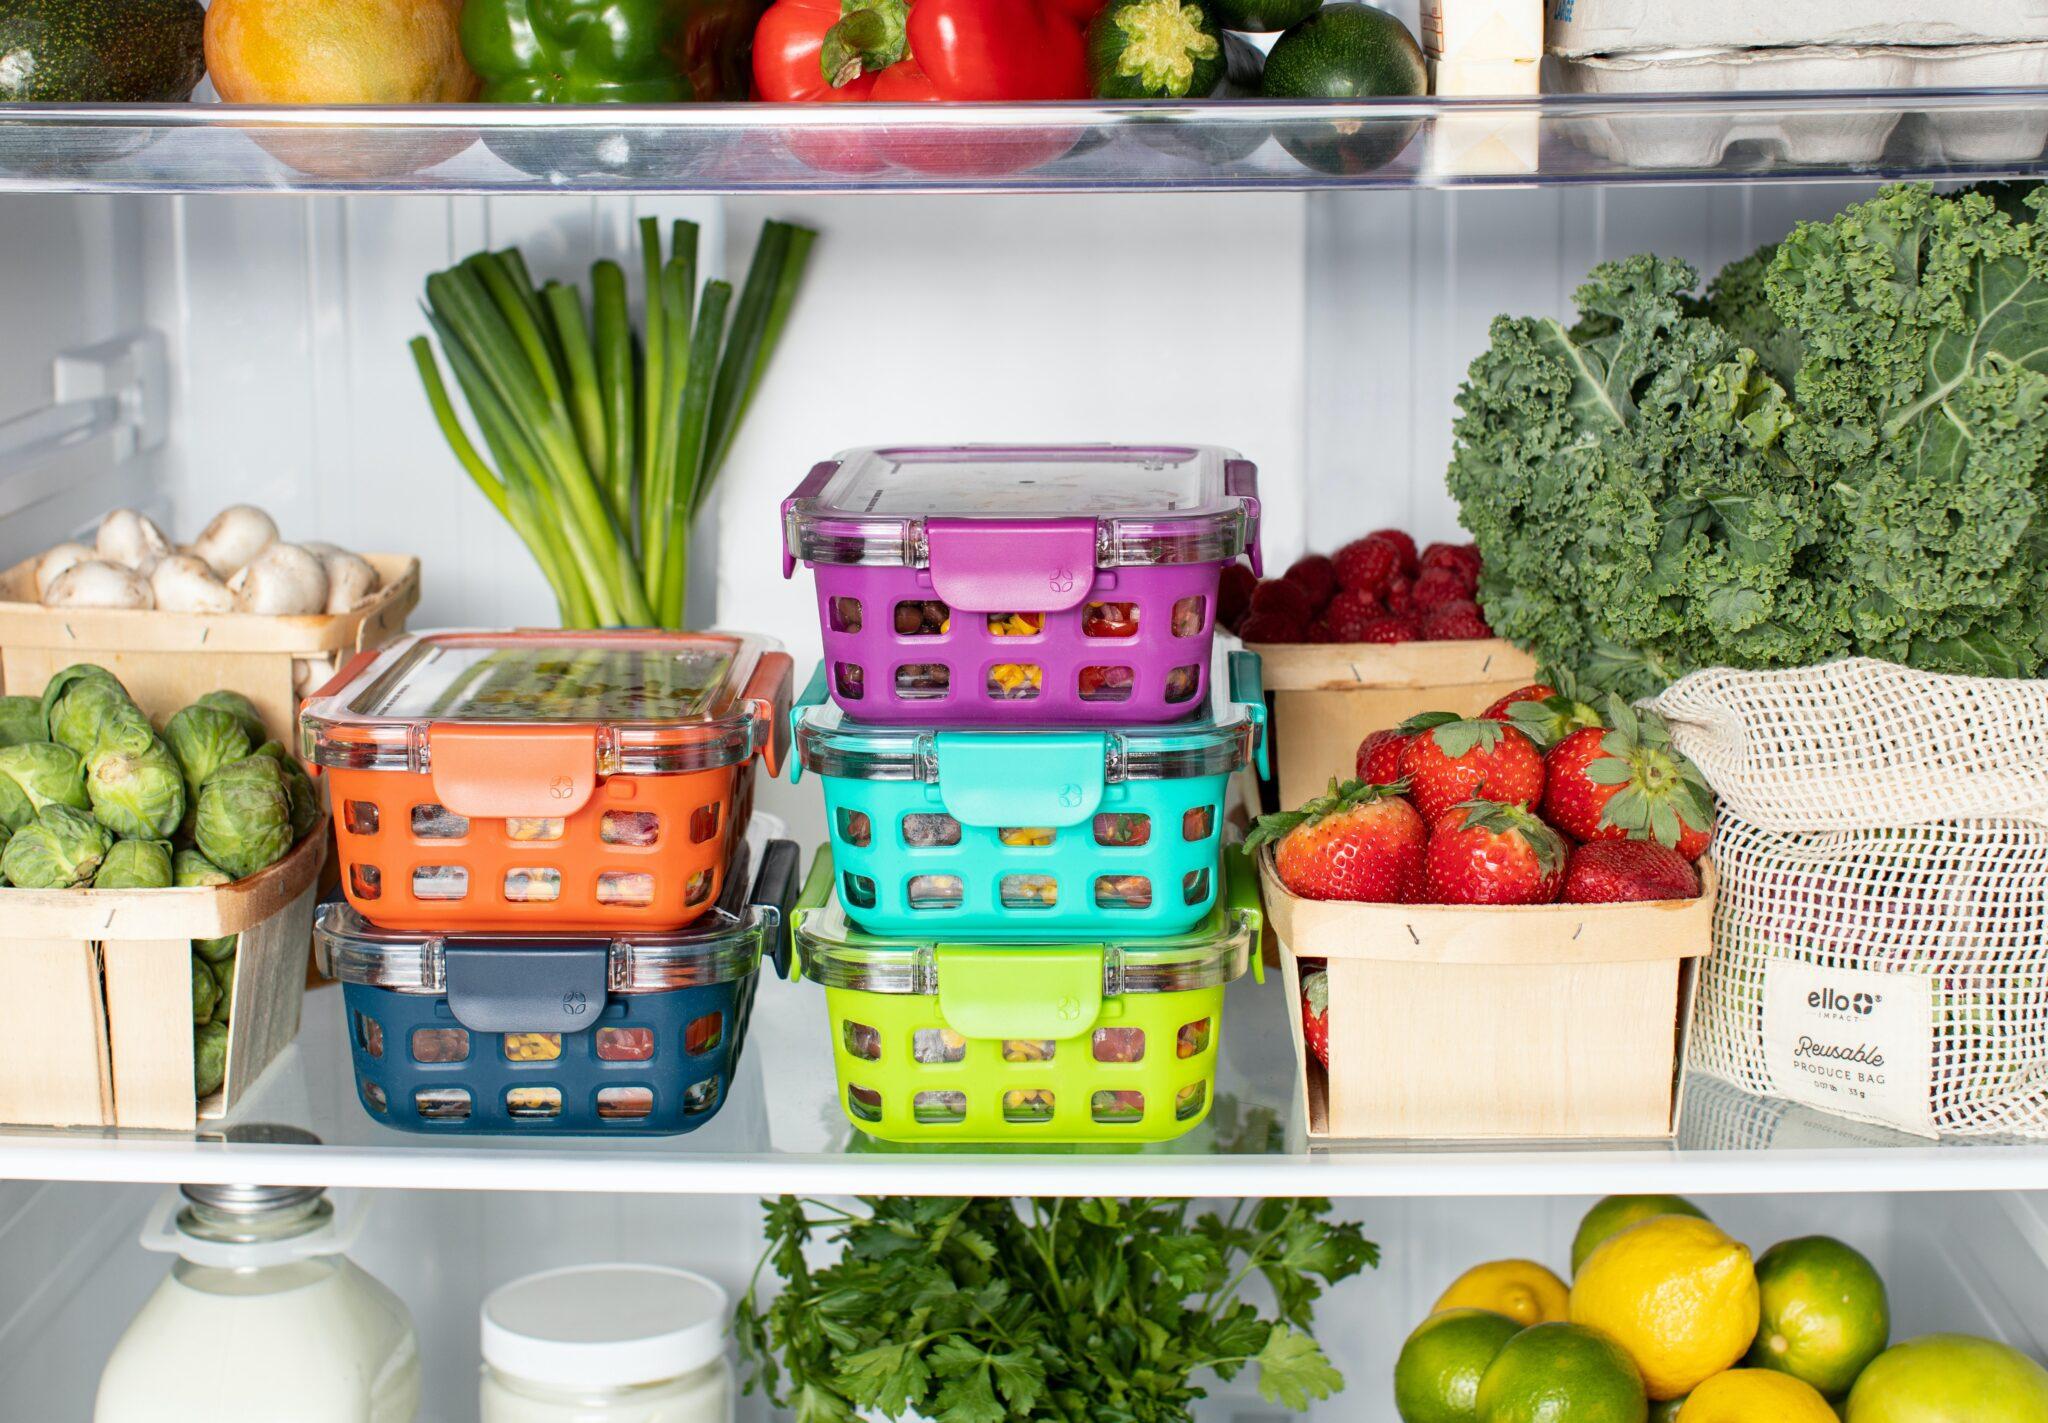 organizar os alimentos no frigorífico